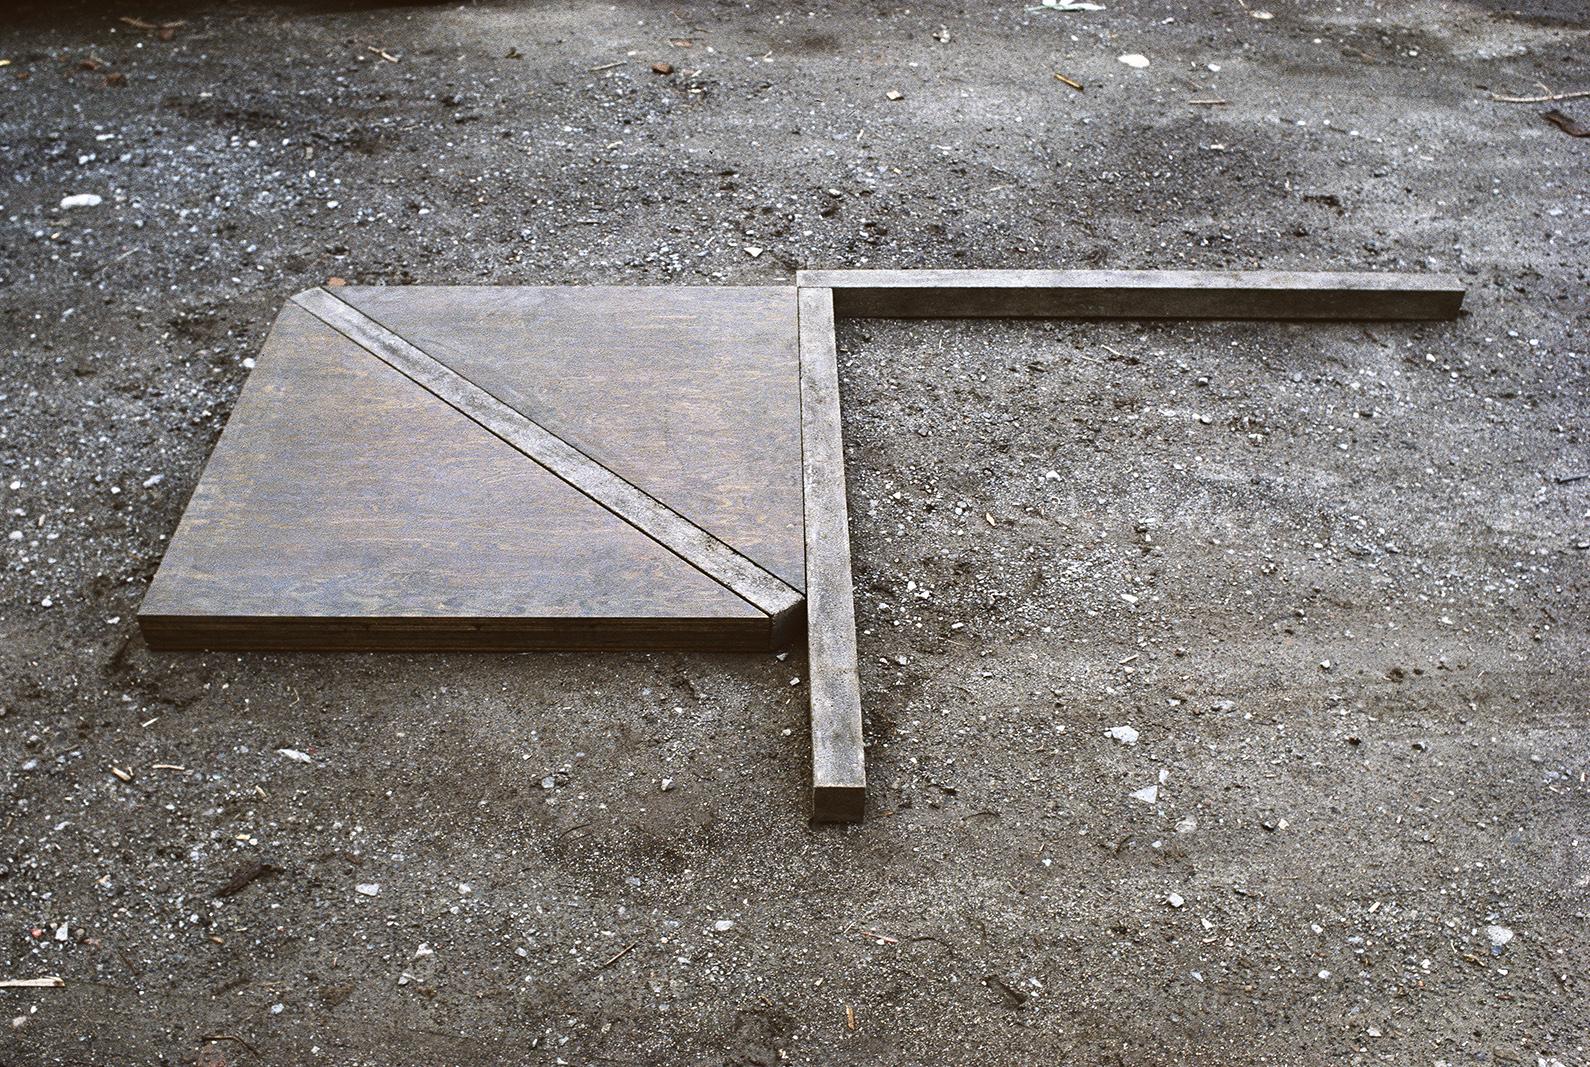 3 éléments identiques  (1977)   Contreplaqué, ciment, 7.6 x 190.5 x 304.8 cm. photo : G. Szilasi